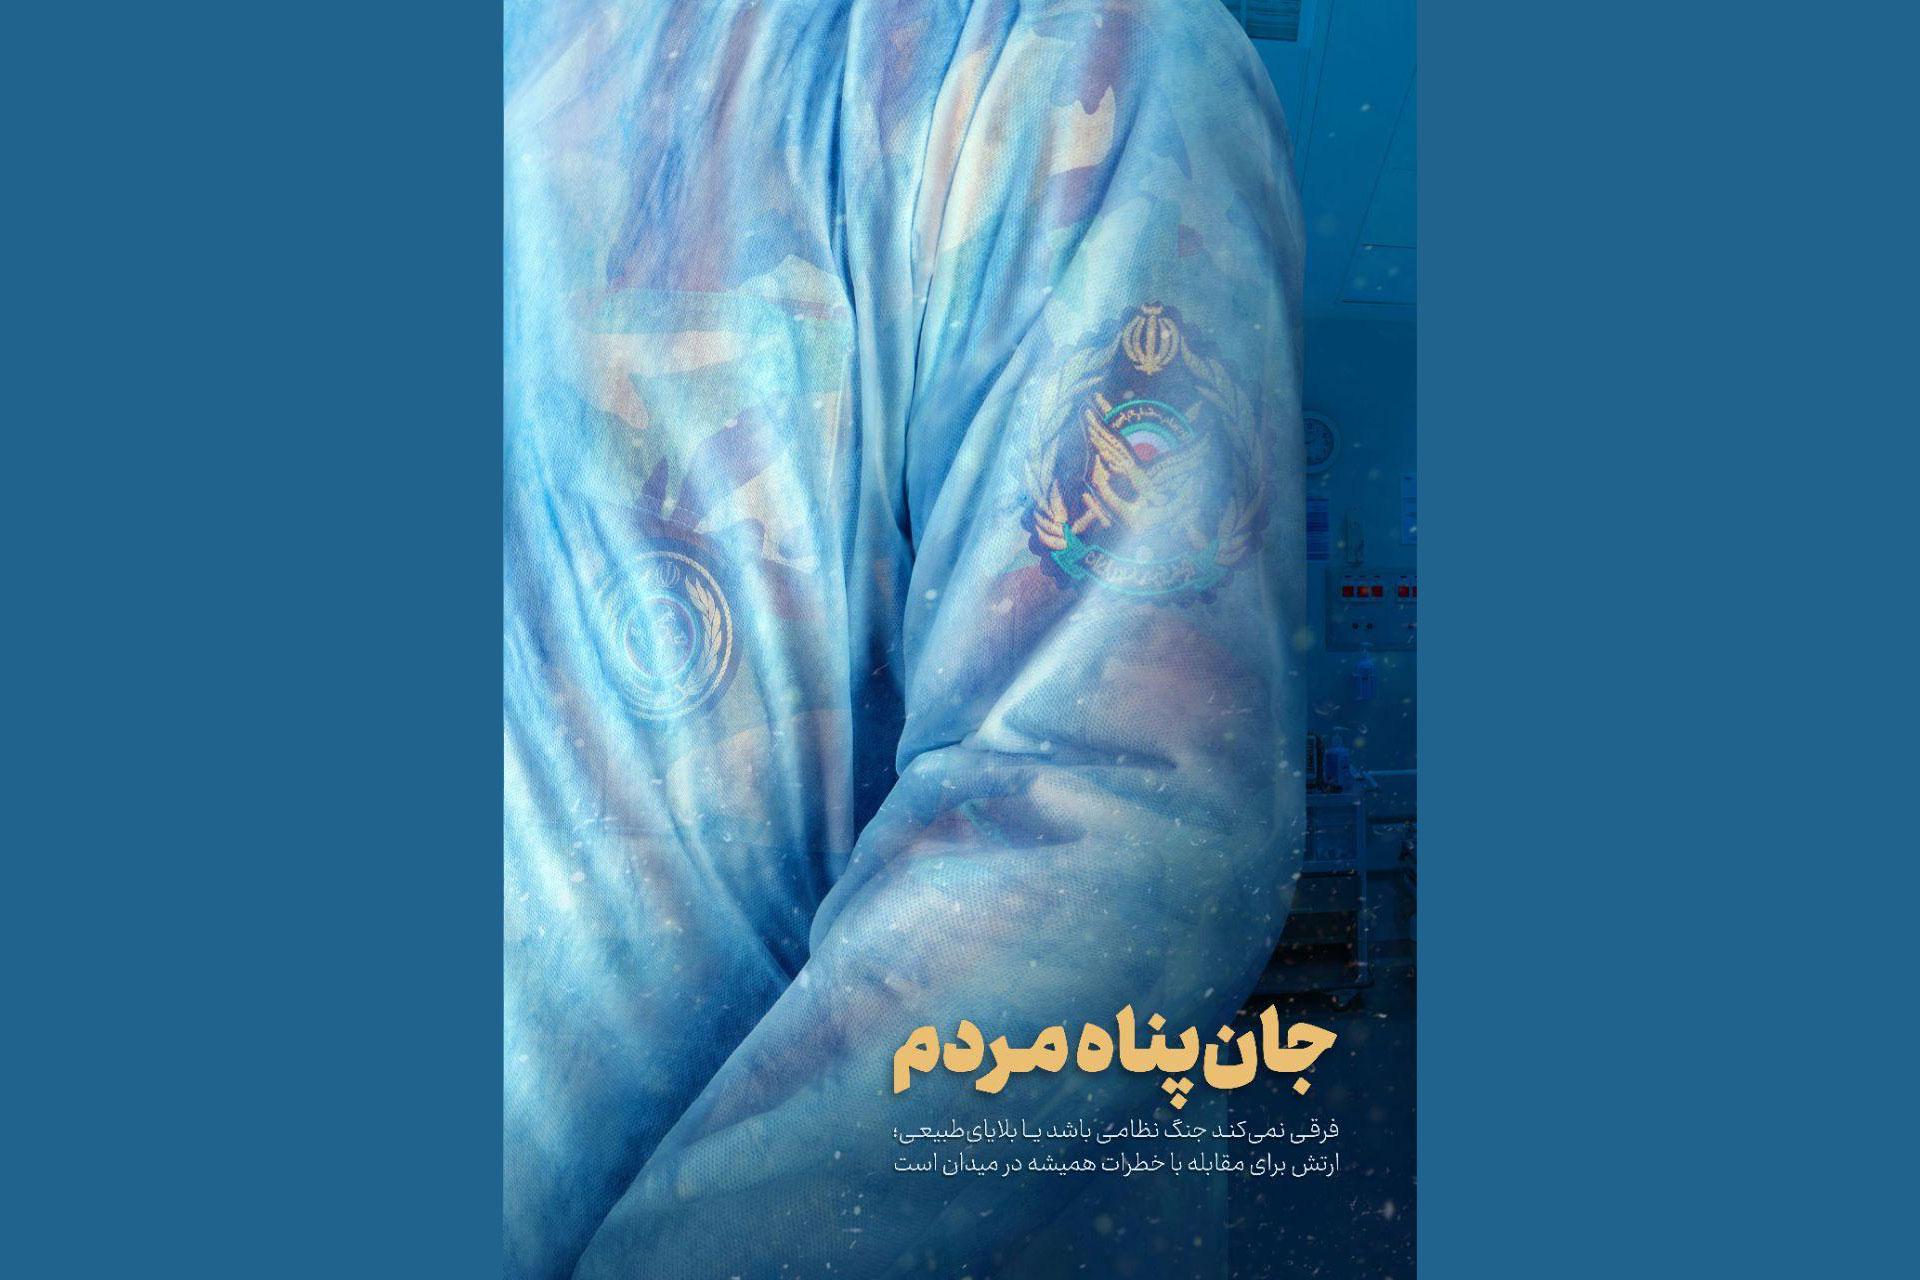 پوستر | جانپناه مردم؛ 29 فروردین روز ارتش